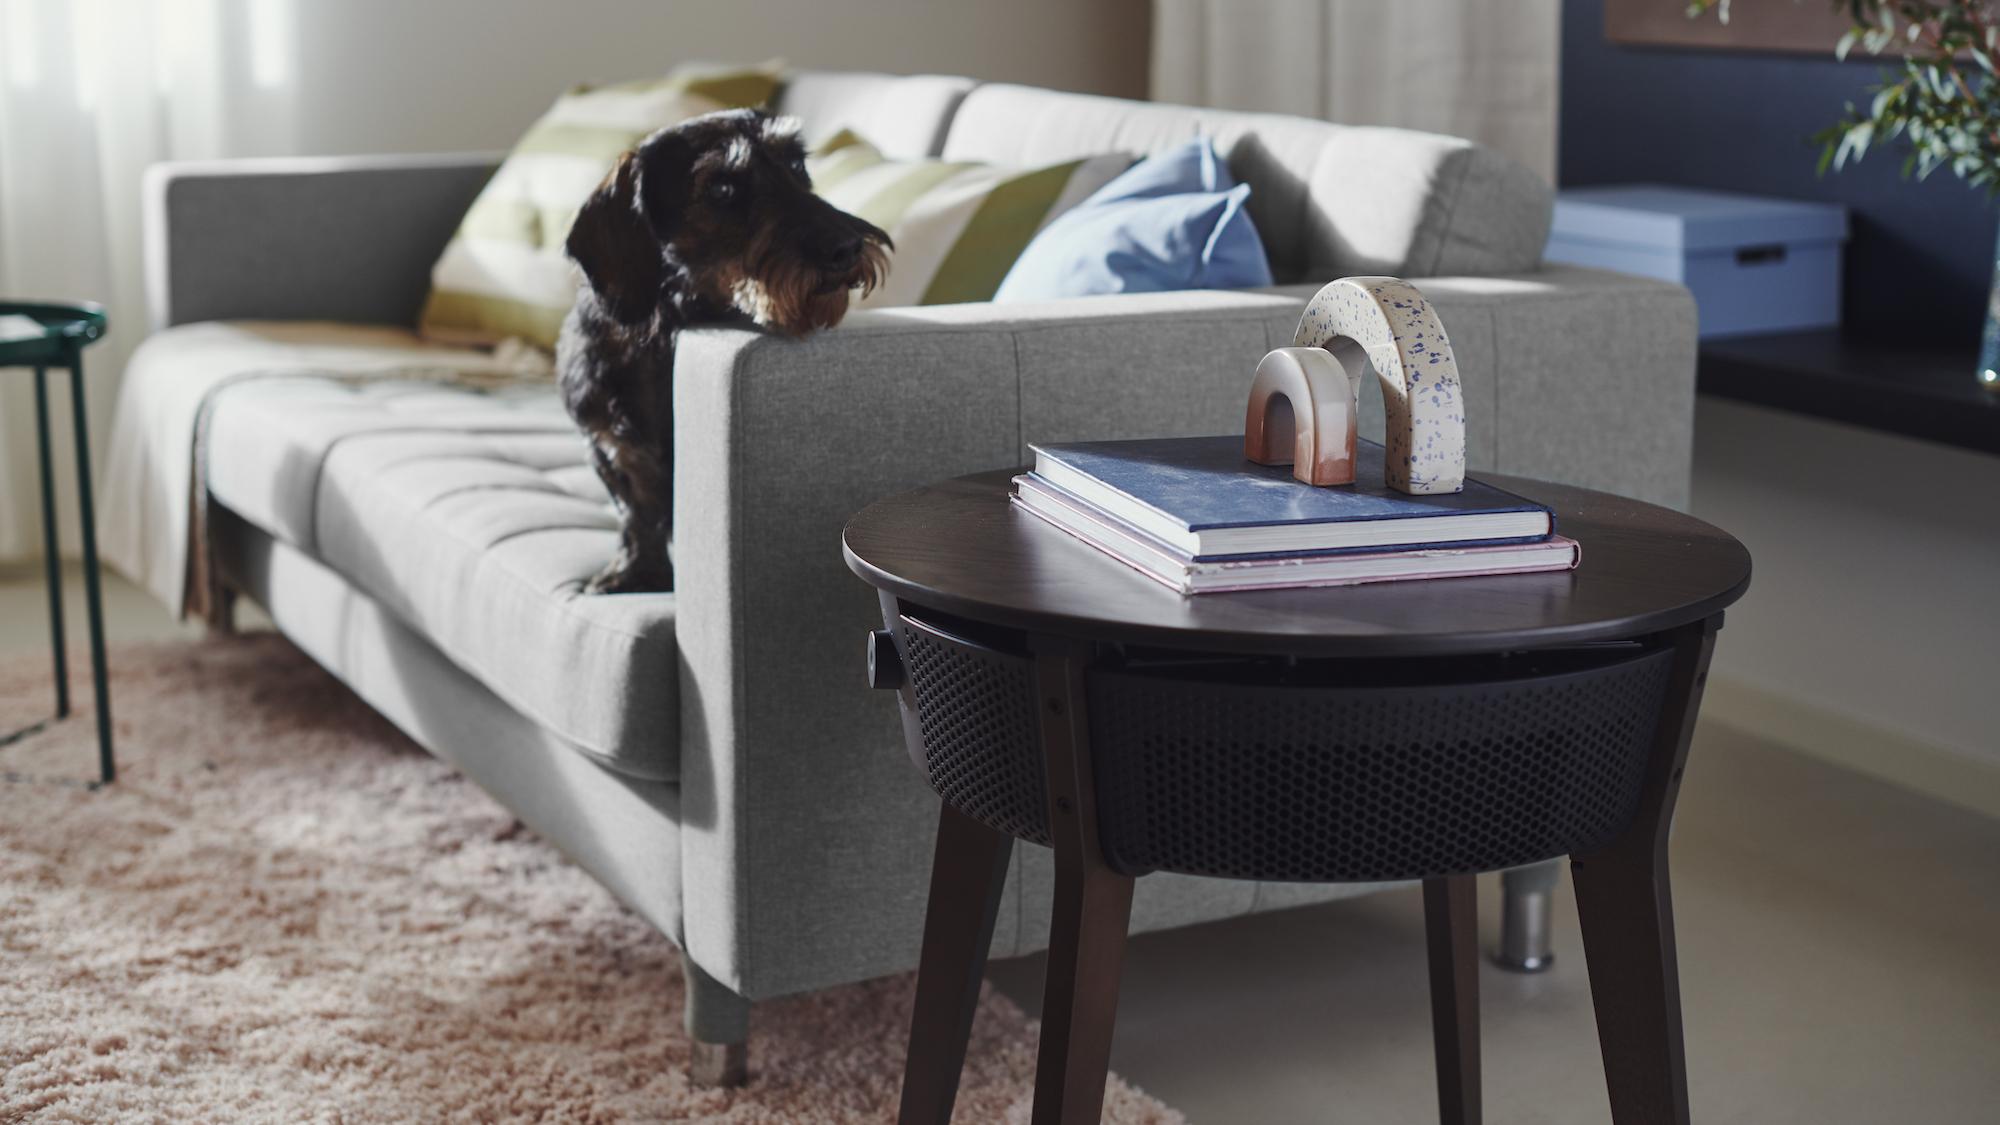 Ikea lance un purificateur d'air aux airs de table d'appoint